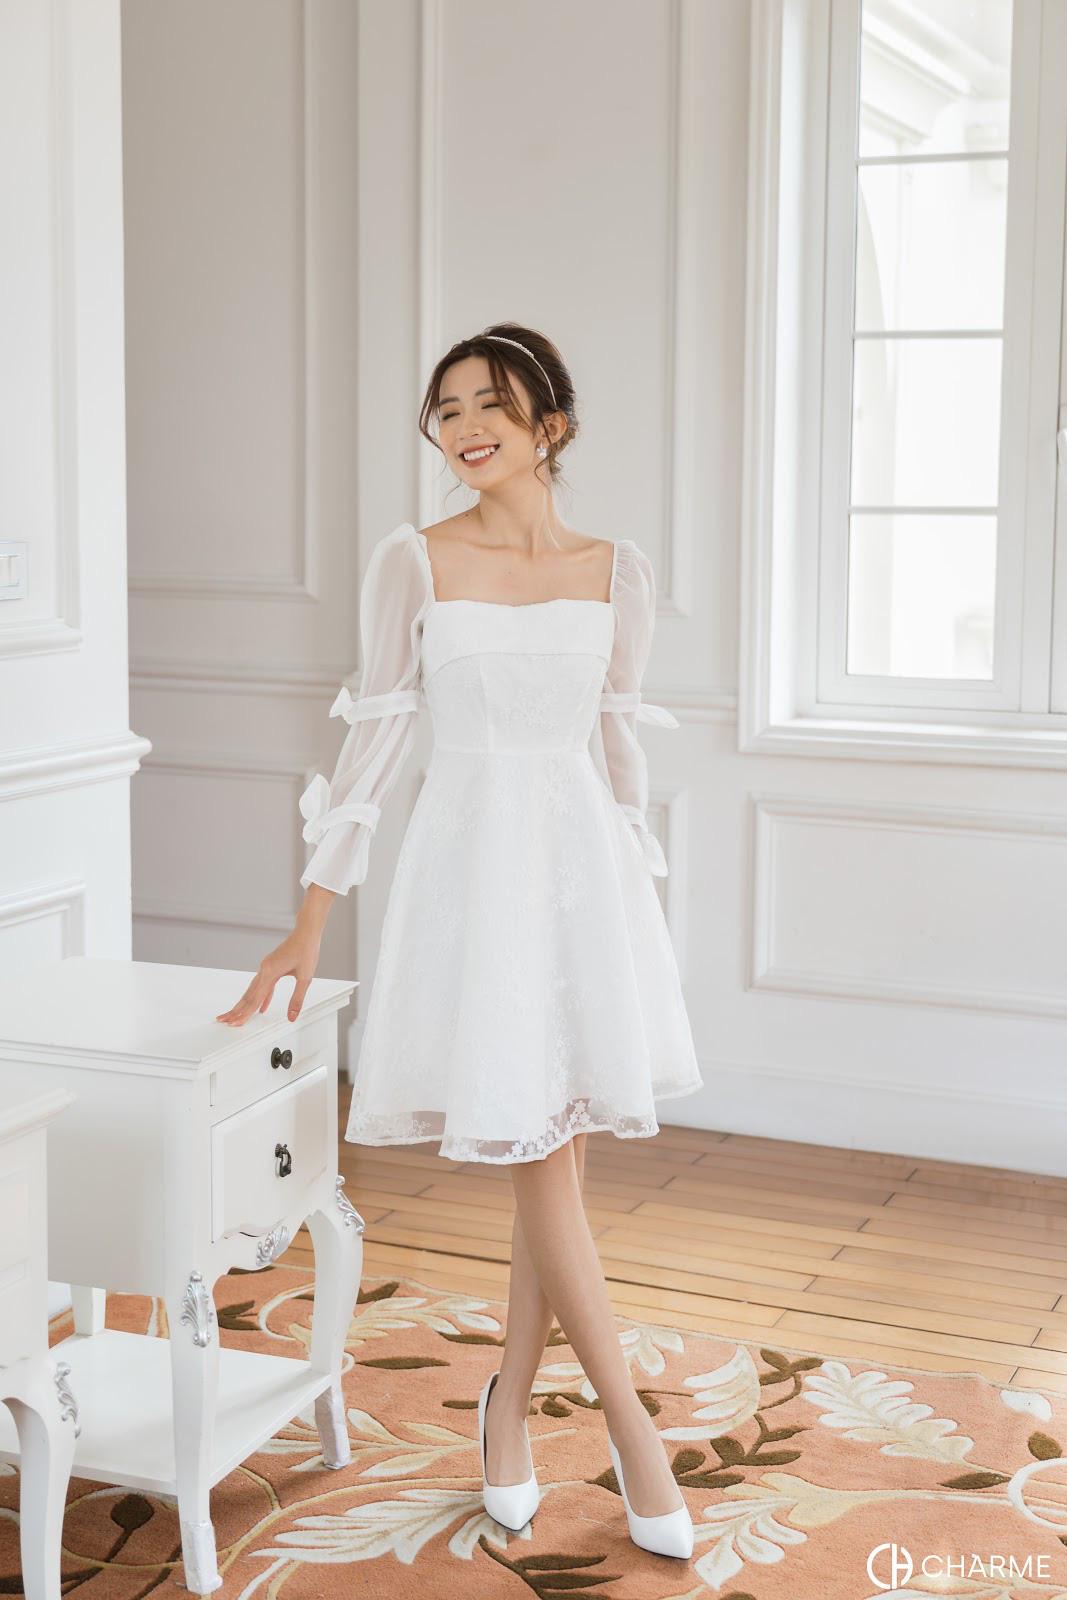 Charme Store - Thương hiệu váy công chúa làm điên đảo giới trẻ Hà thành - Ảnh 2.